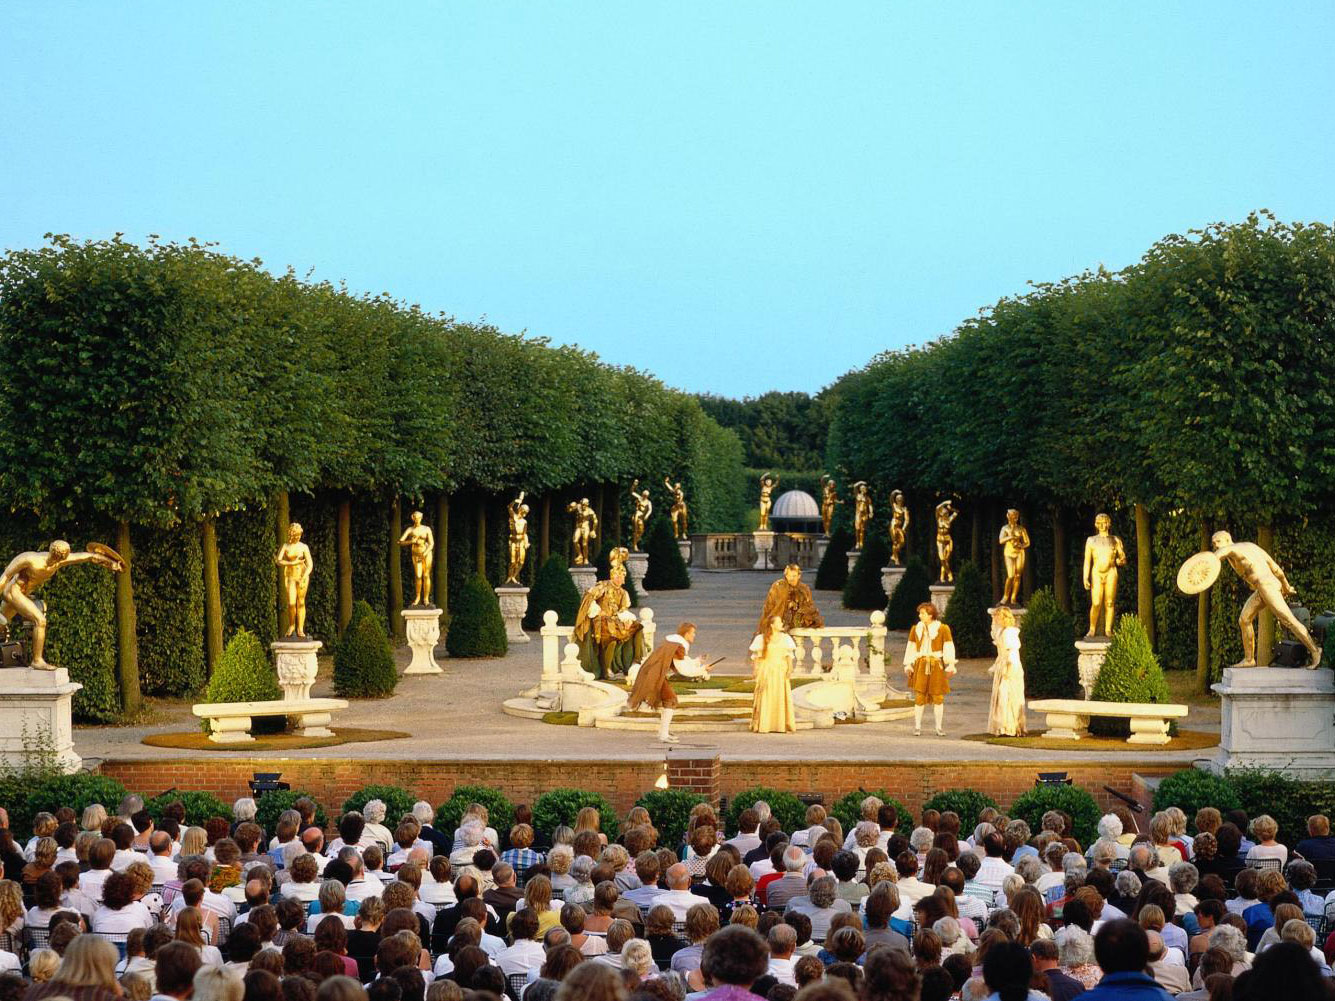 Gartentheater